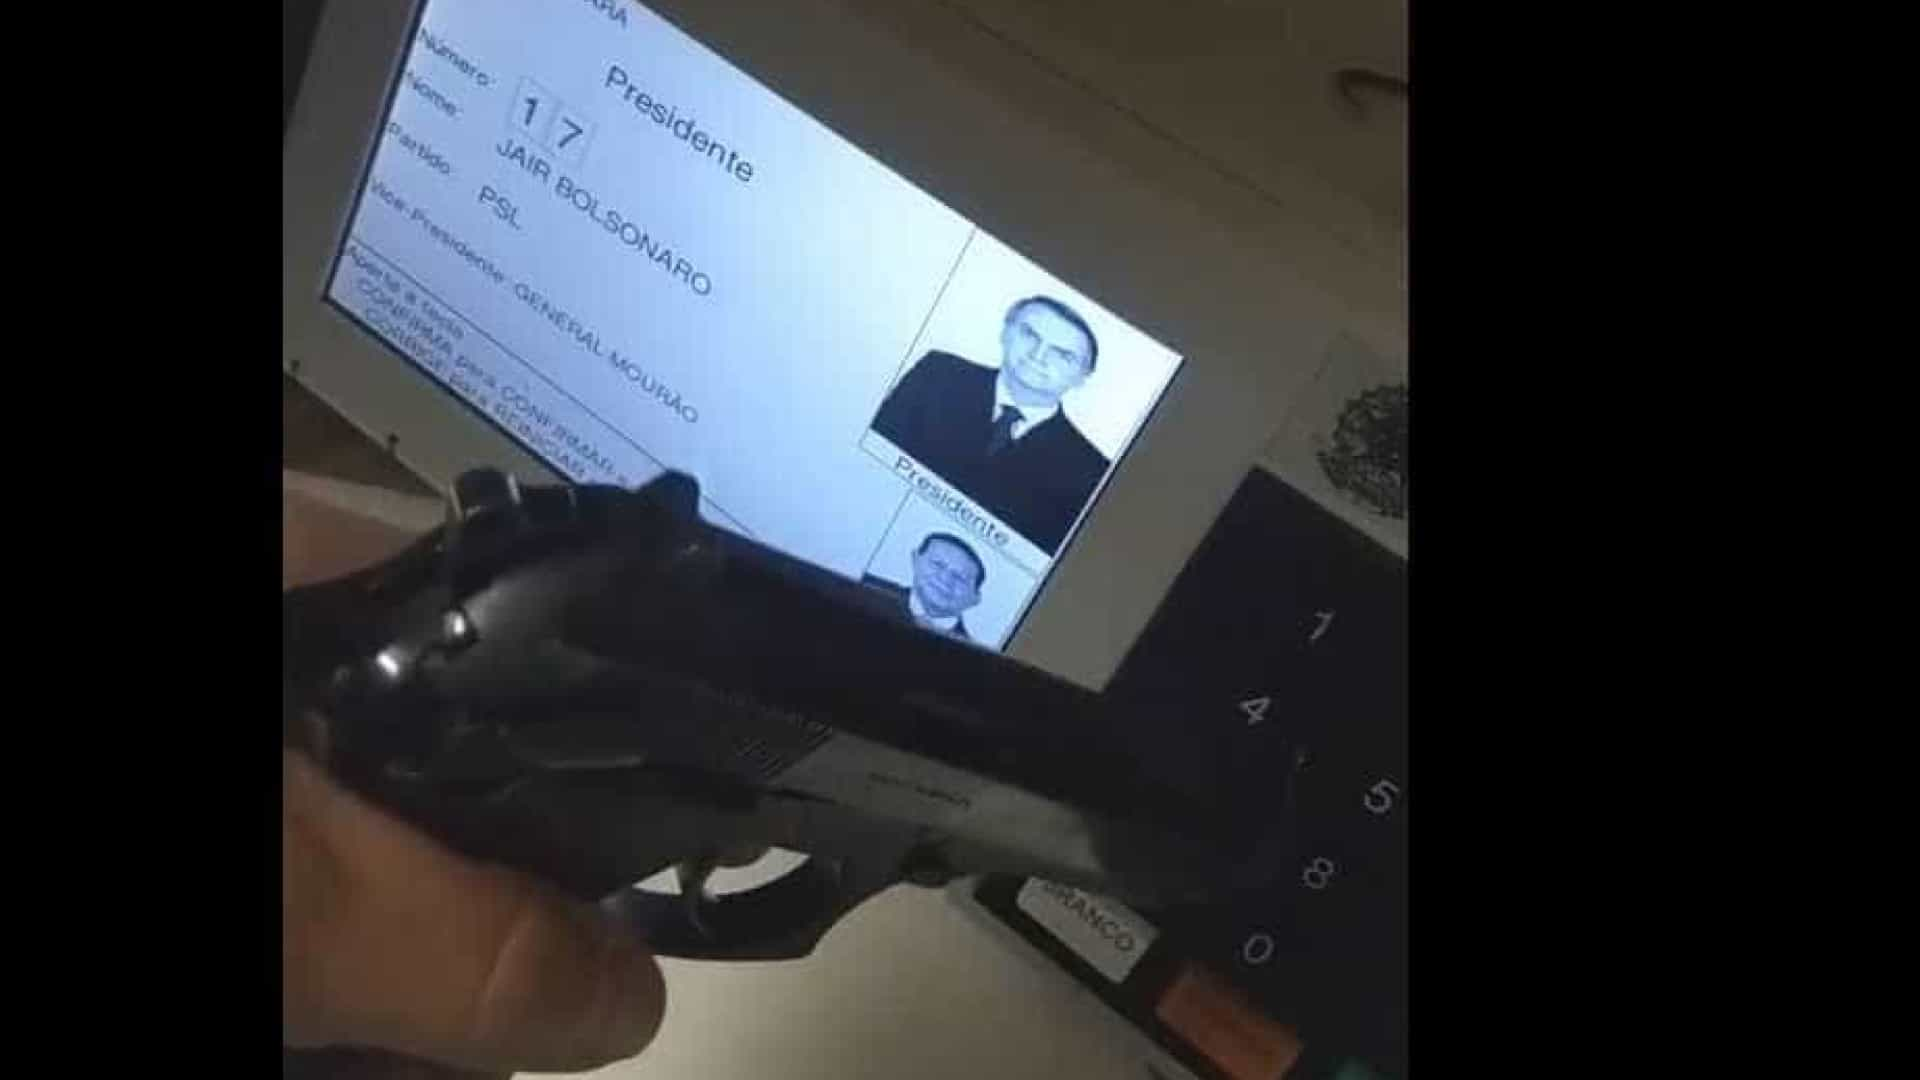 Eleitor vota com arma na mão e publica vídeo nas redes sociais